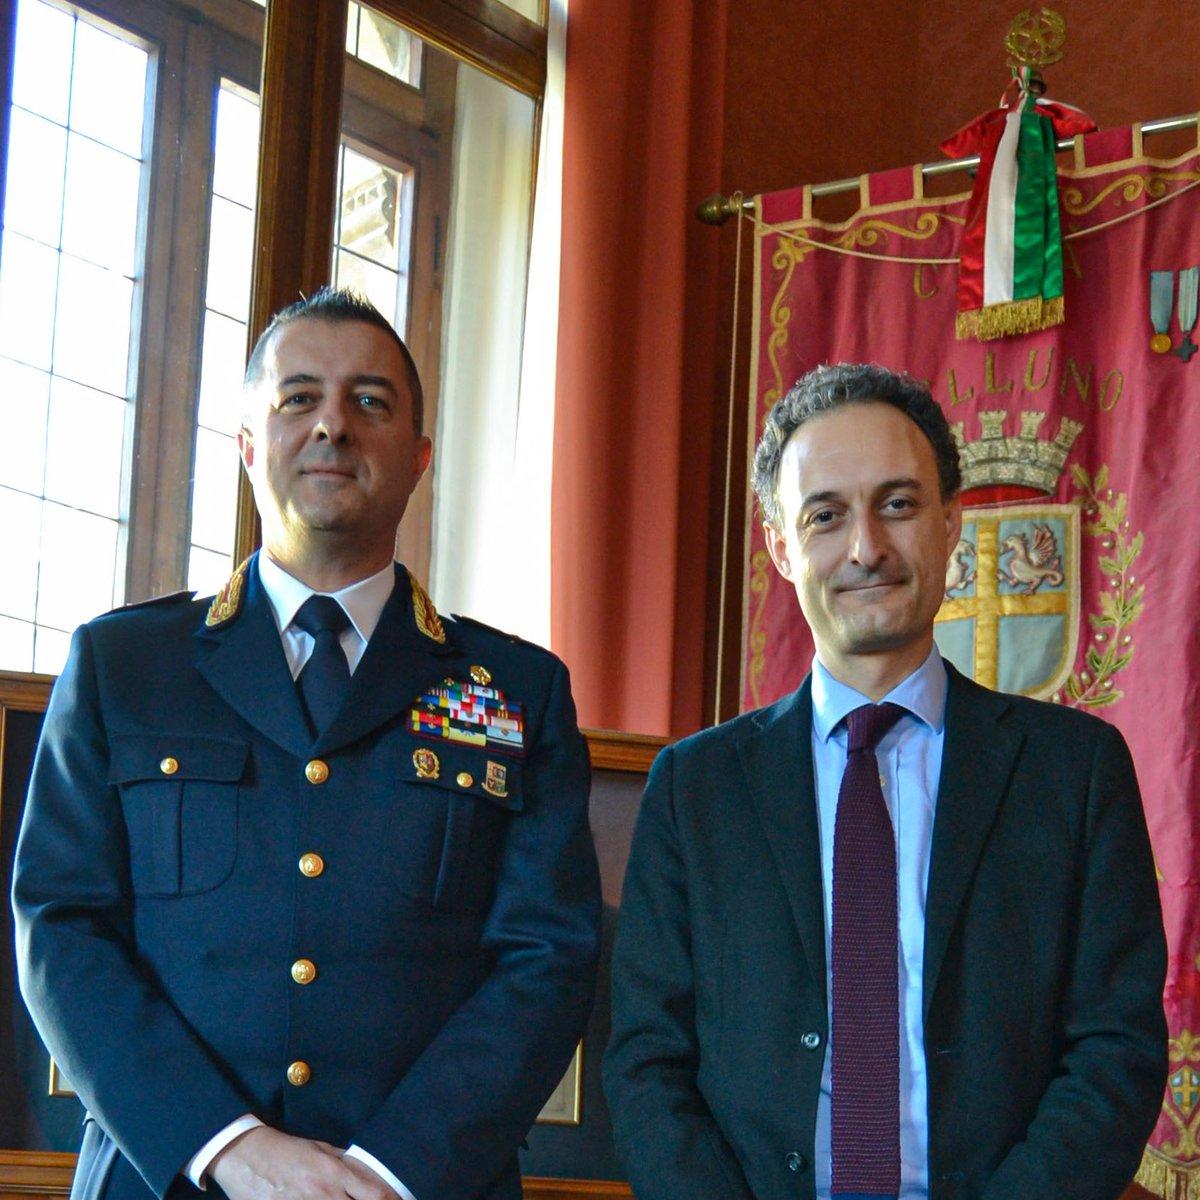 Il Sindaco incontra il nuovo comandante della #Pol...